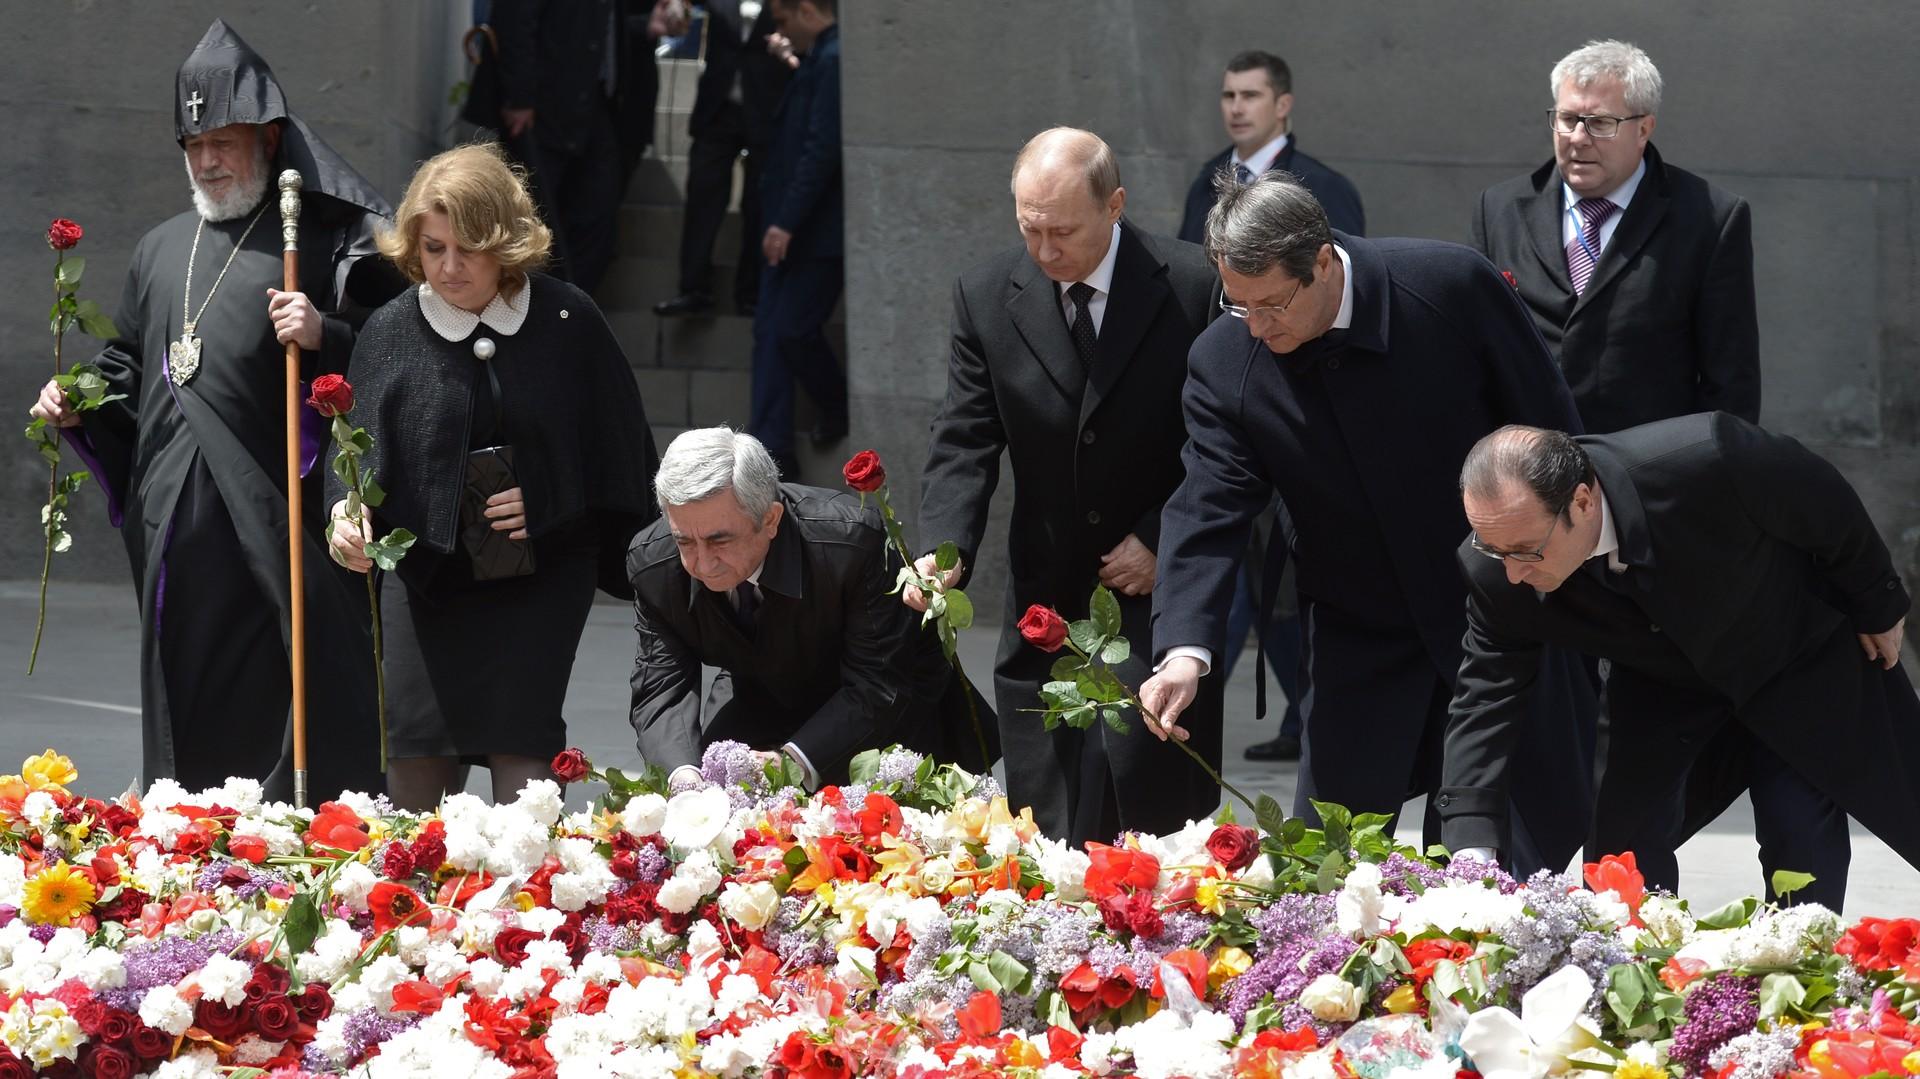 Le centenaire du génocide arménien commémoré aux quatre coins du monde